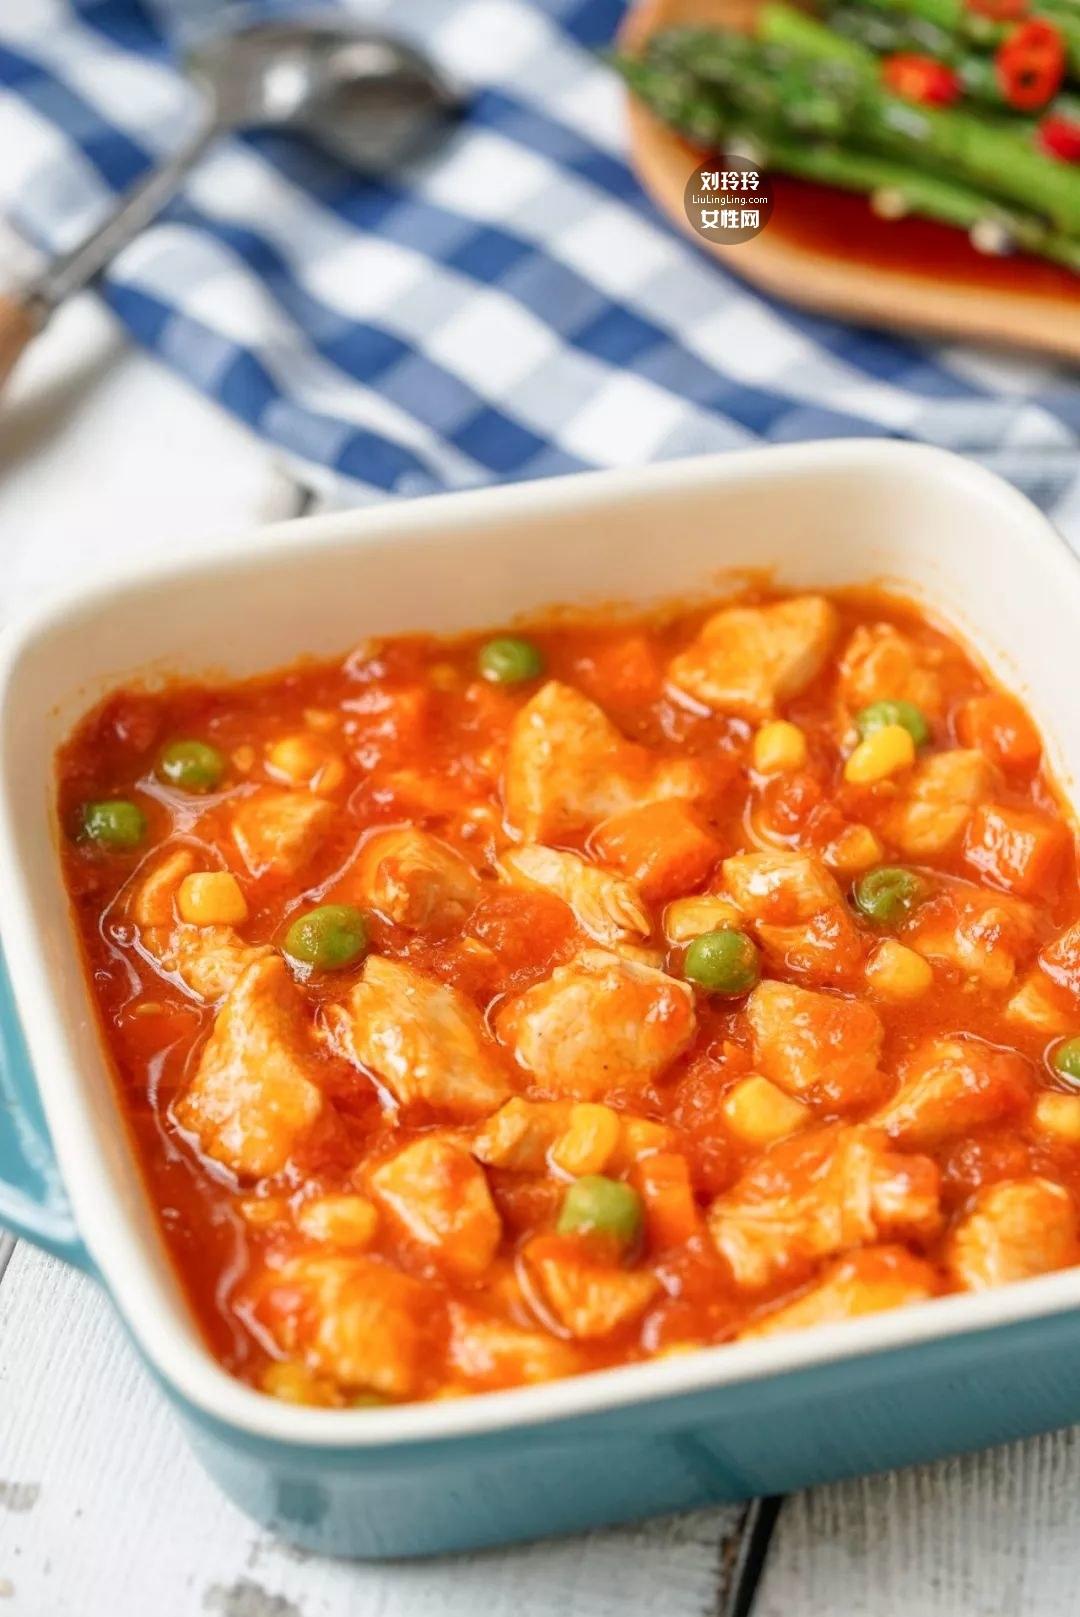 鸡胸肉的家常做法大全 好吃又不发胖10